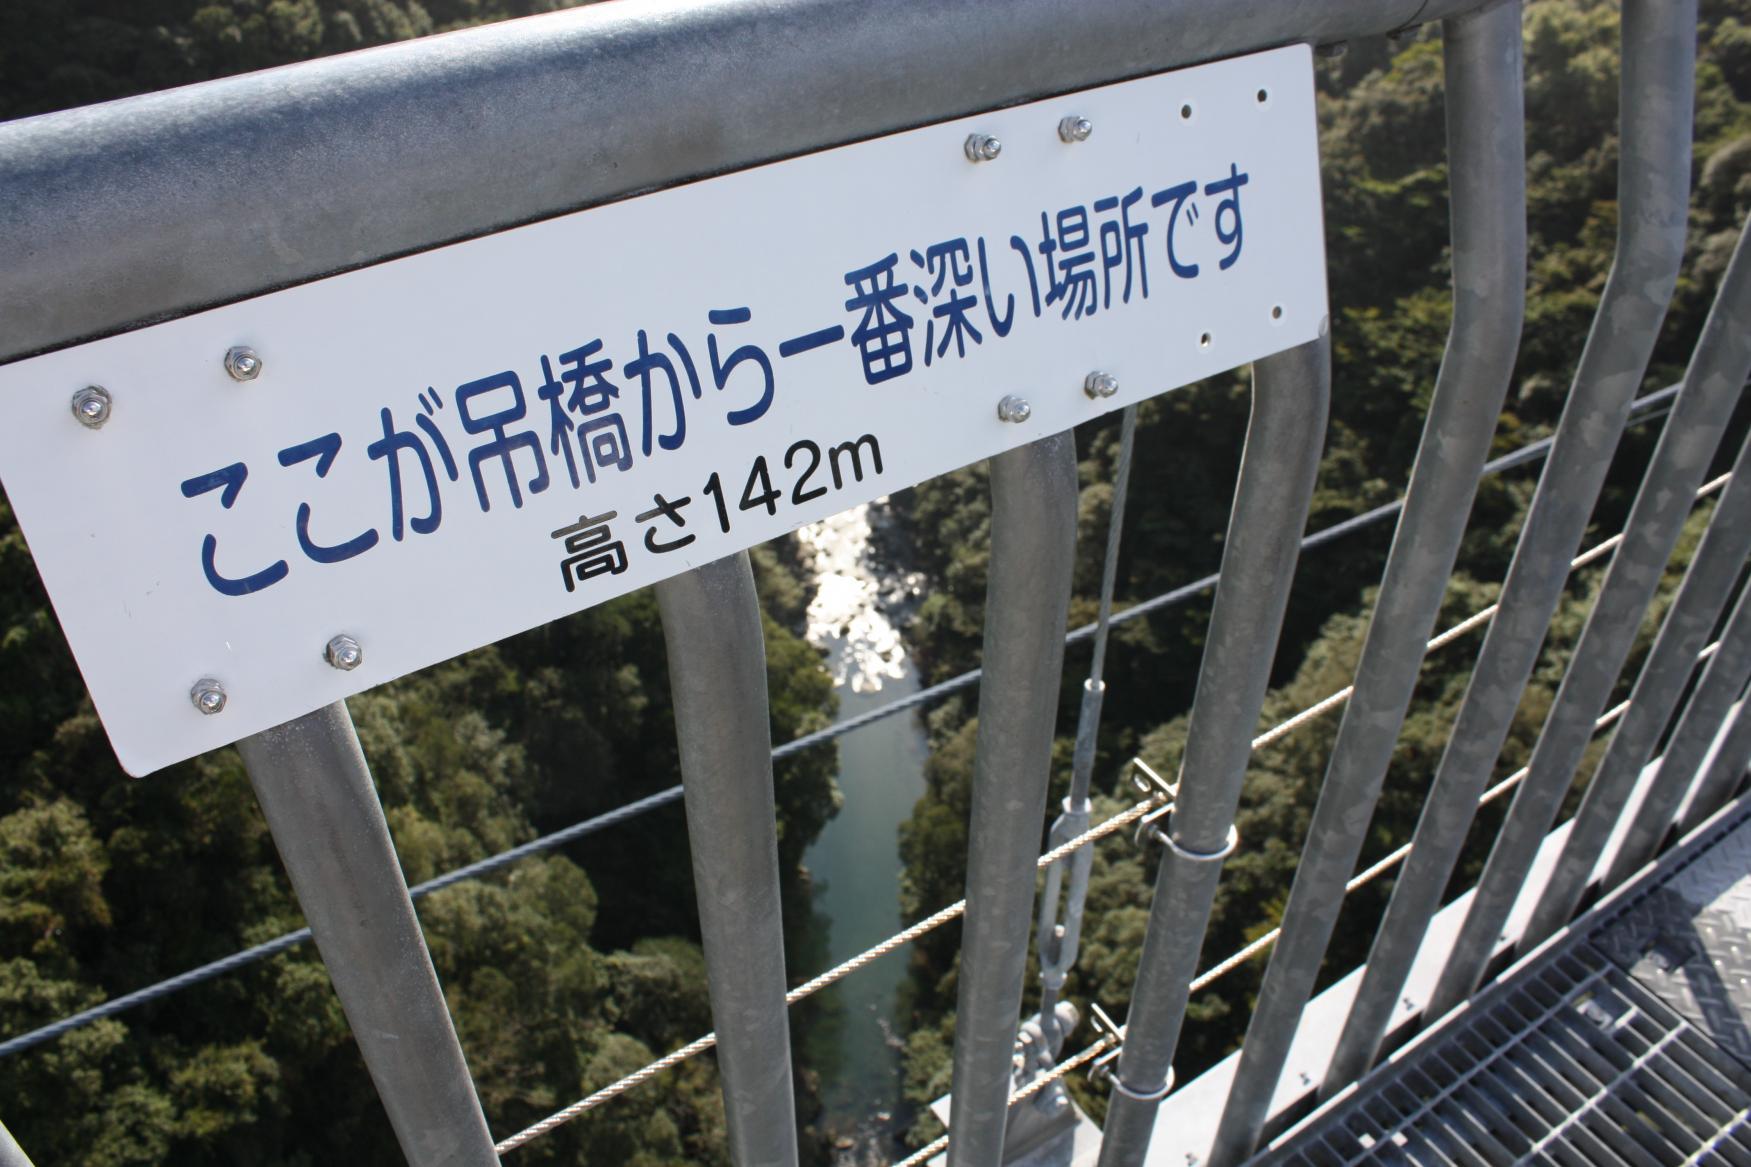 車があるなら行ってみたい!宮崎市から45分の絶叫吊り橋!?-2